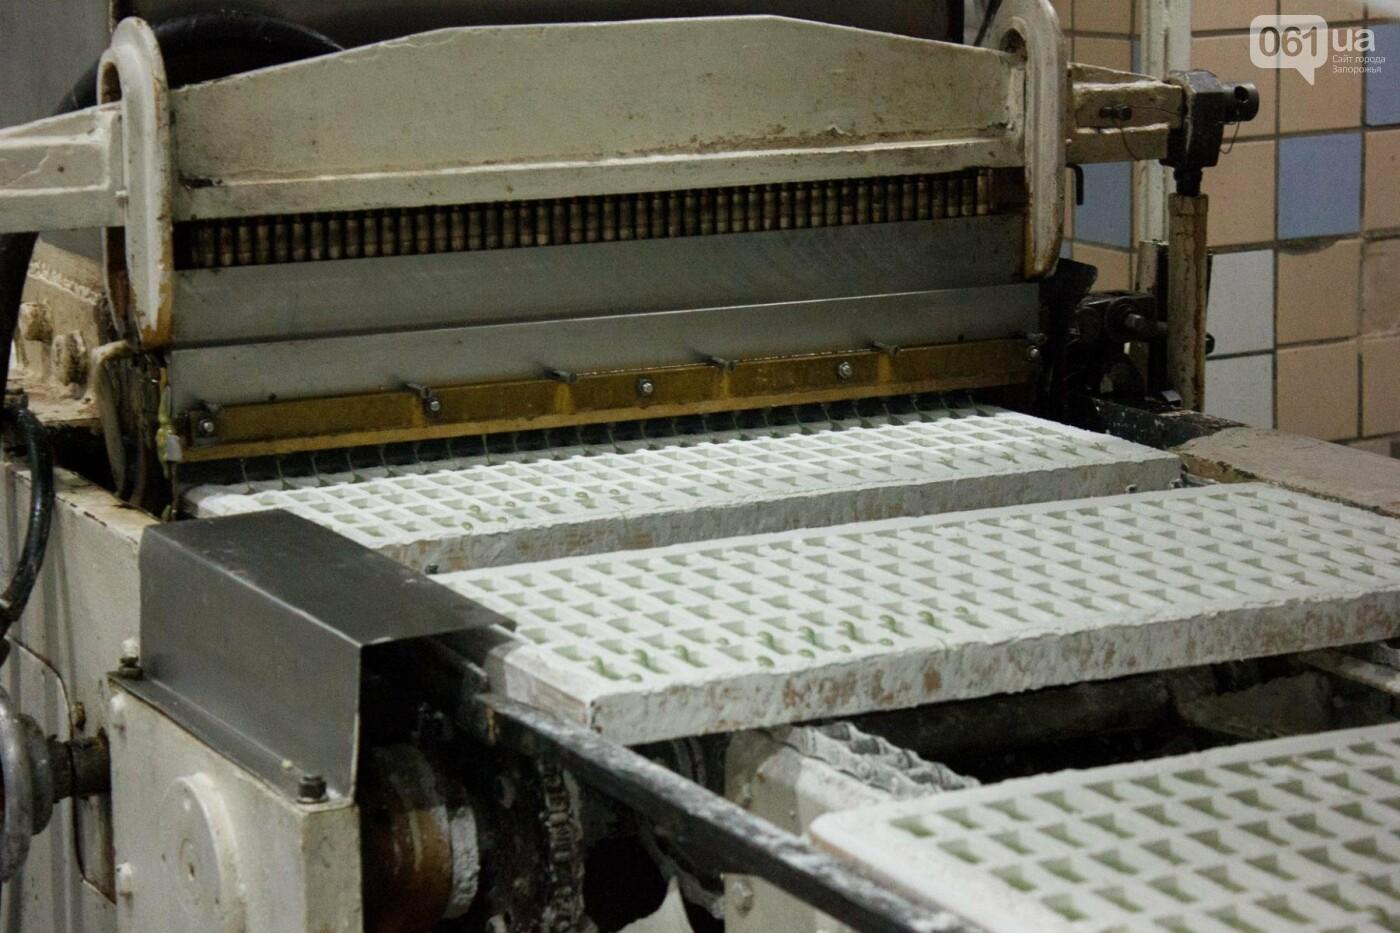 Как в Запорожье делают конфеты: экскурсия на кондитерскую фабрику, – ФОТОРЕПОРТАЖ, фото-18